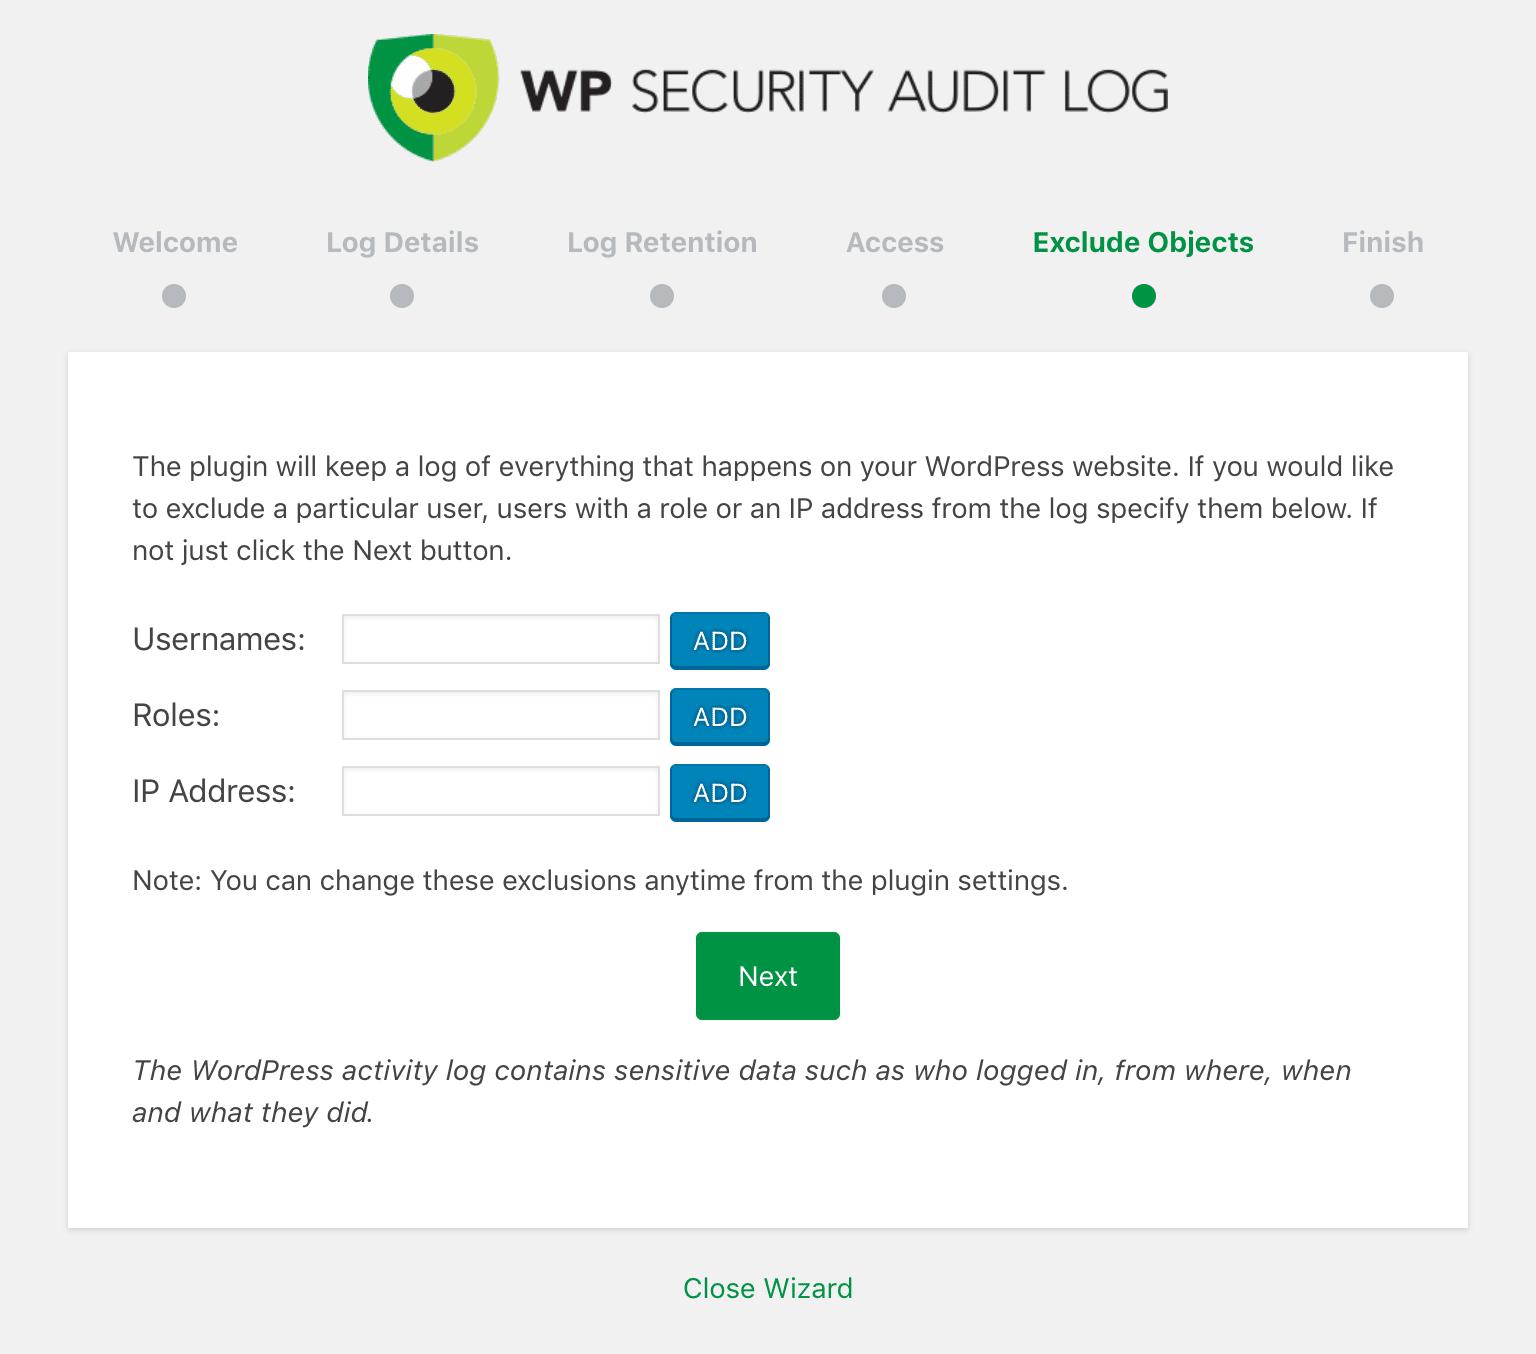 WP Security Audit Log objecten uitsluiten